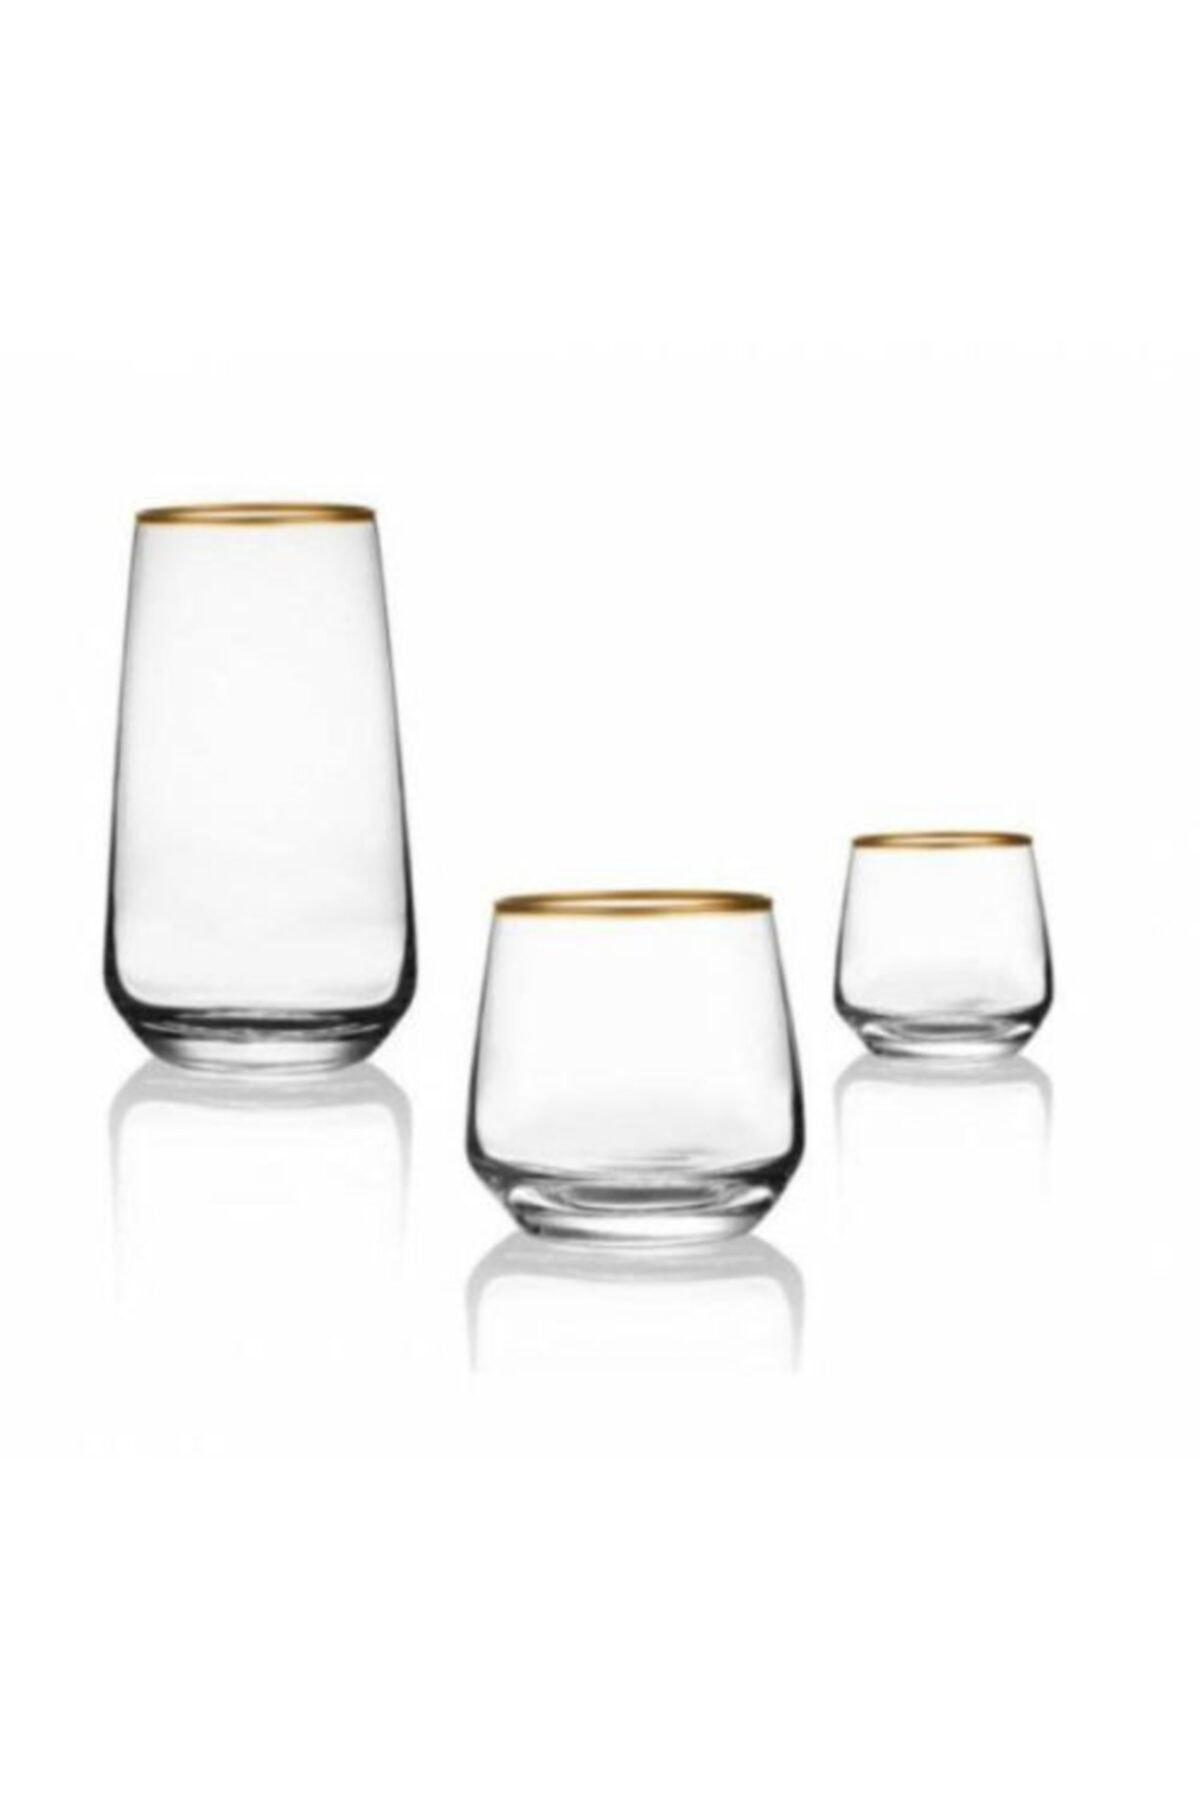 Lal 18 Parça Gold Meşrubat, Su Ve Kahve Yanı Su Bardağı Seti